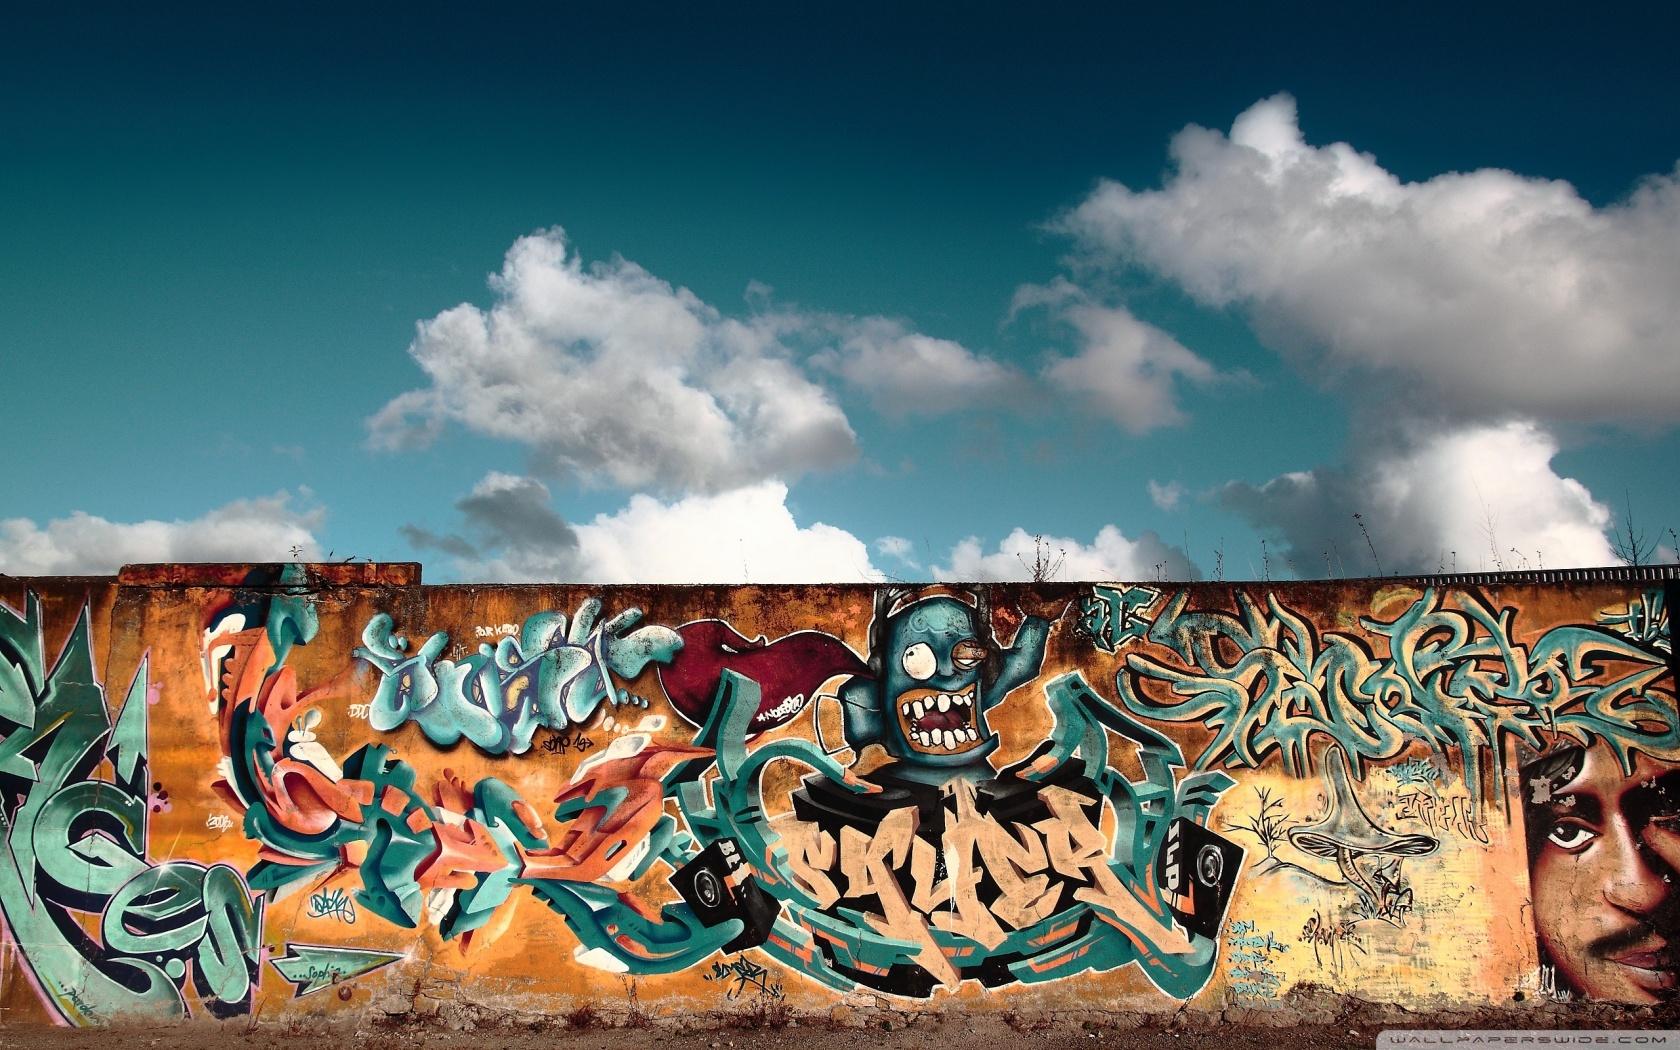 Graffiti Wall Art HD desktop wallpaper : High Definition : Mobile